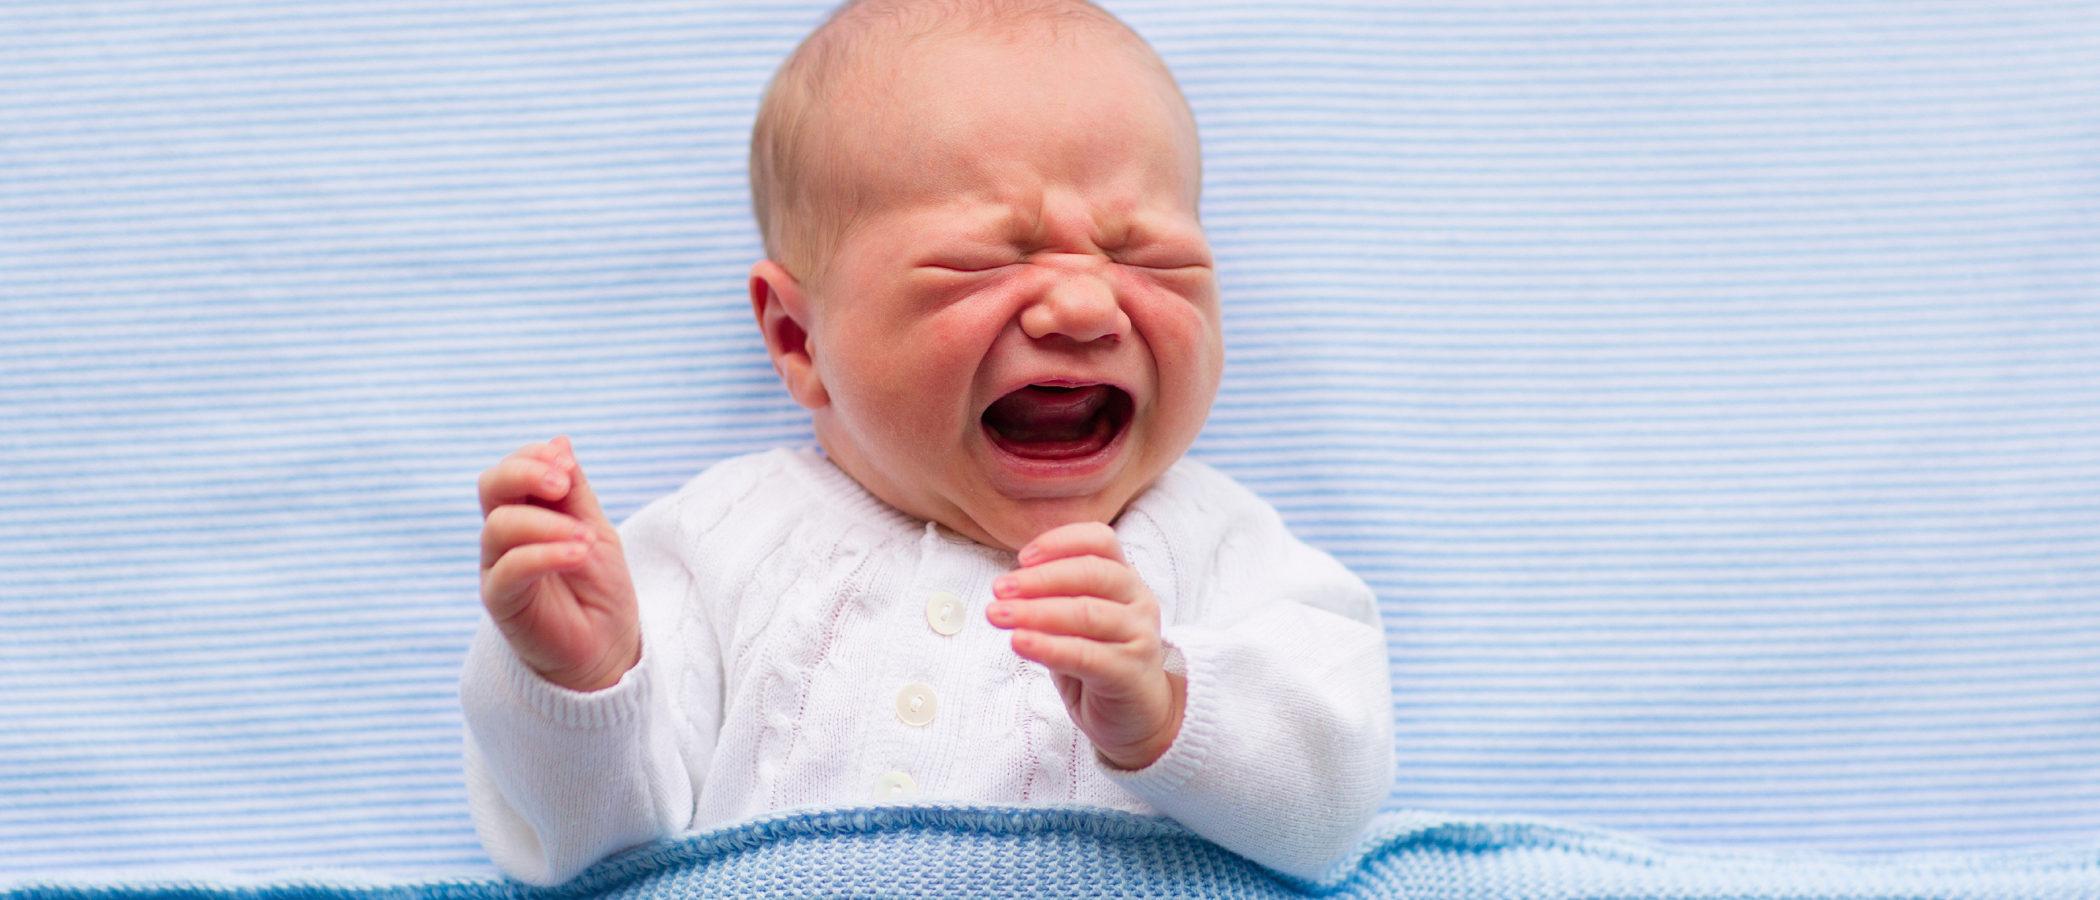 ¿Por qué hay bebés que no paran de llorar en todo el día?